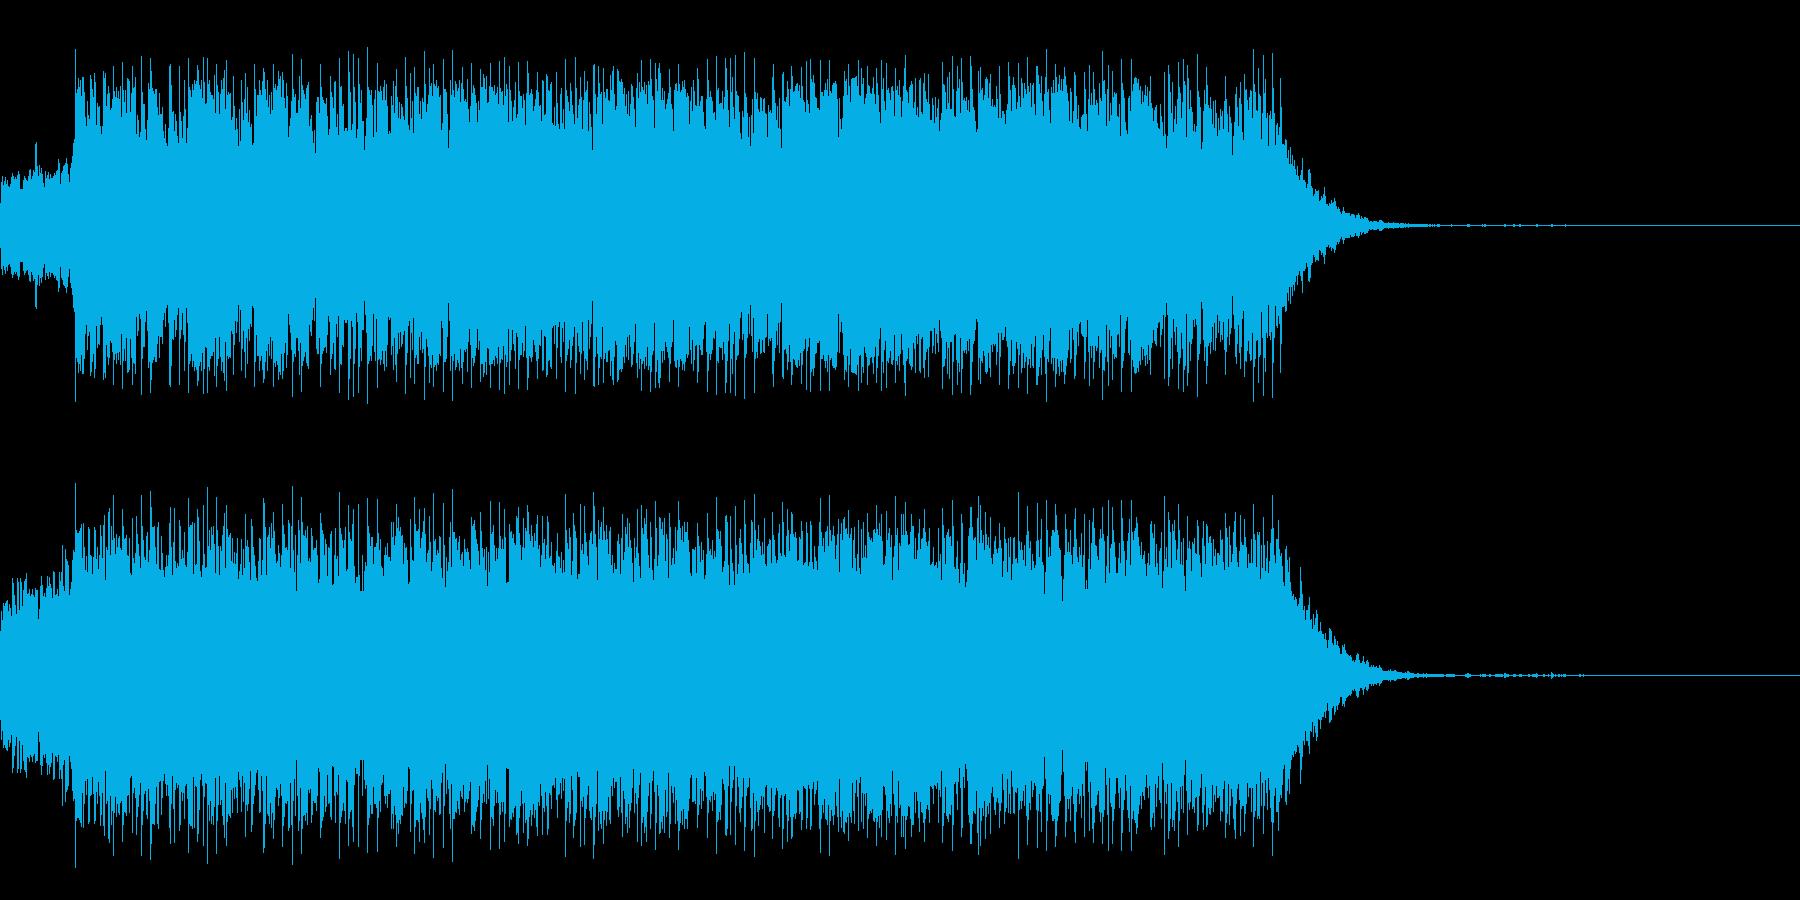 企業創立、旅立ちのBGM、テーマ楽曲の再生済みの波形